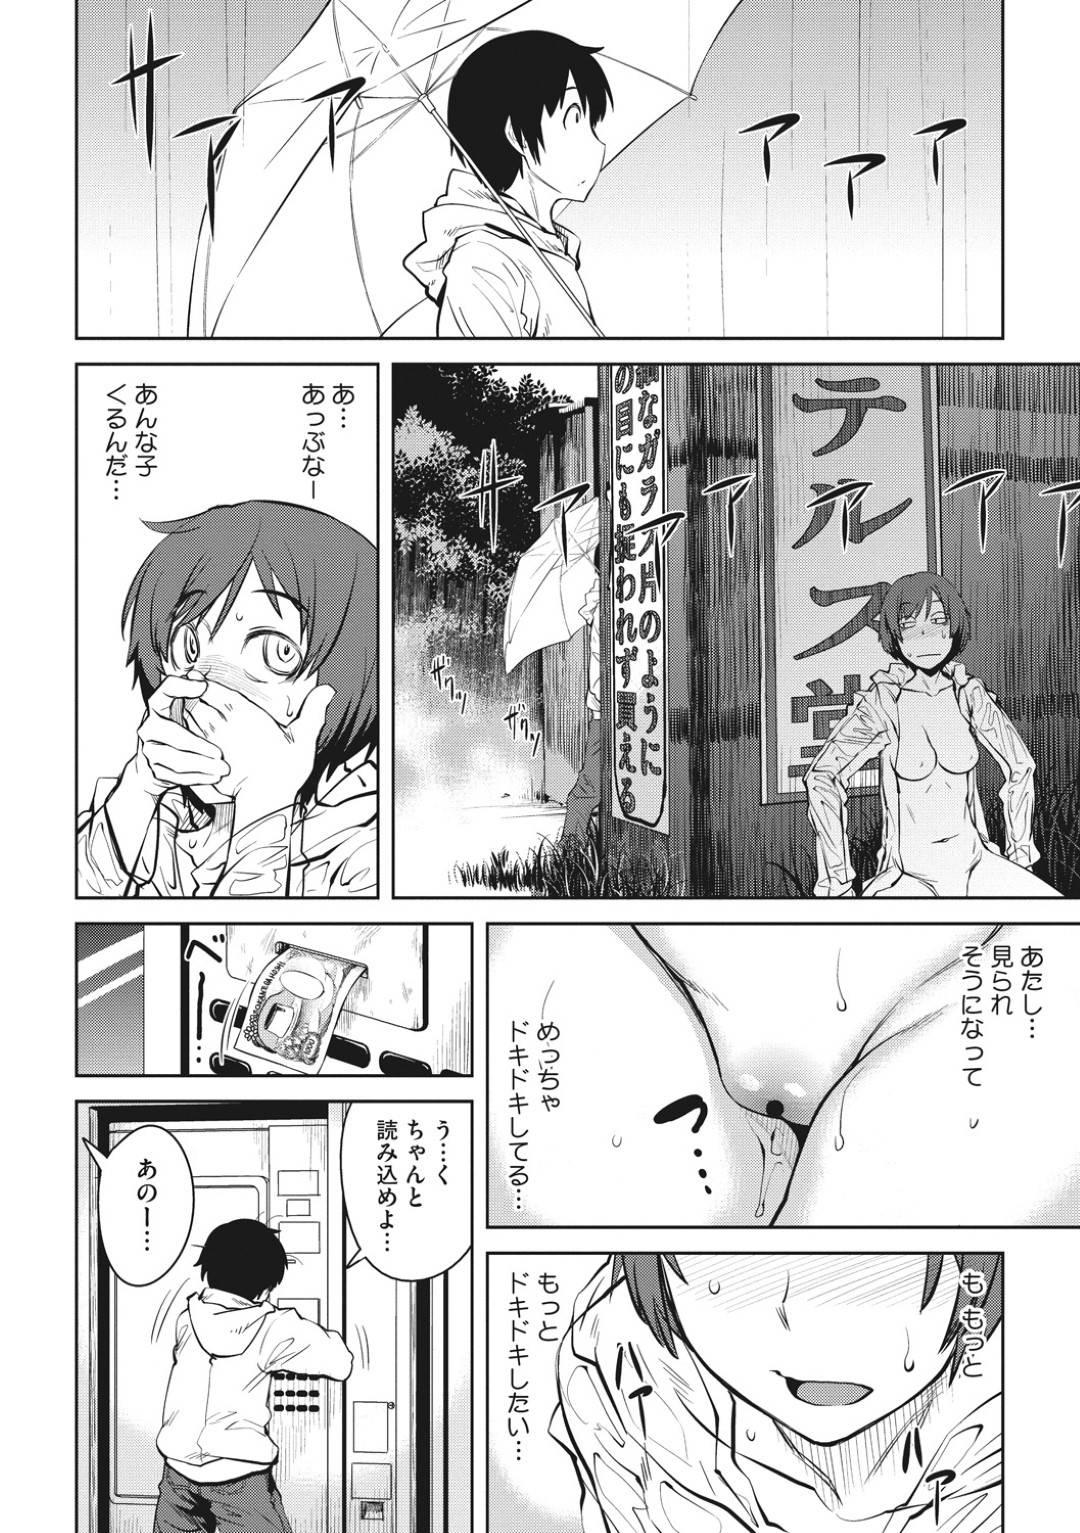 【エロ漫画】雨の日に寂れたエロ本自販機所で露出オナニーしまくる変態少女は本を買いに来た童顔男子とヤりまくり処女卒業【紙魚丸/雨の日には…】